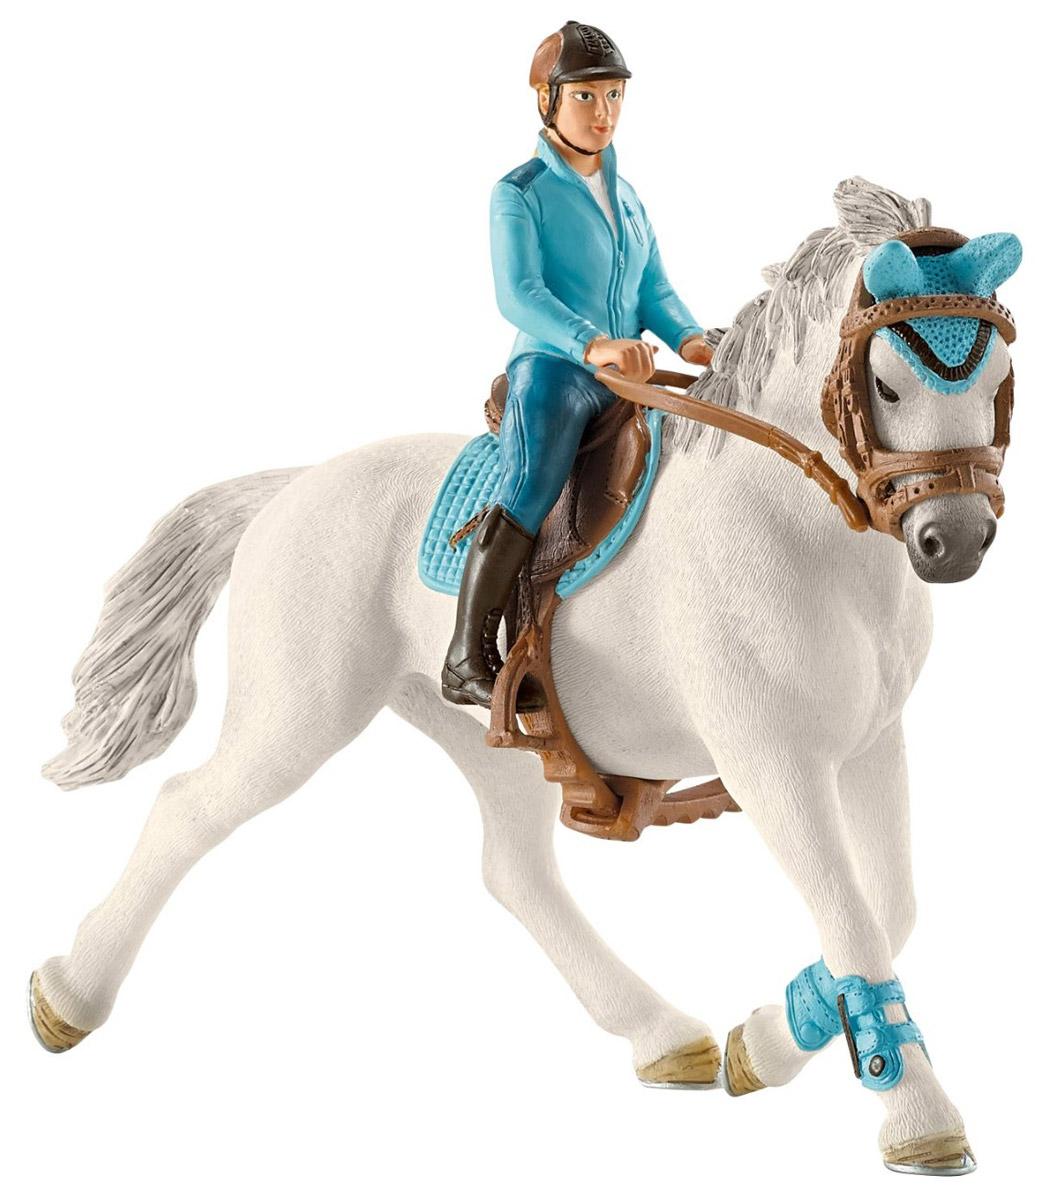 Schleich Набор фигурок Всадница на лошади42111Мчаться по бескрайним лугам на белоснежной лошади можно с оригинальным набором от немецкой компании Schleich. Каждому заводчику миниатюрных лошадок понравится набор фигурок Всадница на лошади. В наборе представлена лошадь и всадница, которая уверенно сидит в седле, держась за поводья. На всаднице спортивная форма голубого цвета, которая гармонирует с экипировкой лошади. Всадница и аксессуары для верховой езды снимаются, что позволяет использовать игрушки отдельно или комбинировать с другими лошадками Schleich. Все элементы набора выполнены из качественного материала, который безопасен для детей и очень приятен на ощупь. Игрушки Schleich развивают мелкую моторику ребенка, стимулируют творческое восприятие и позволяют создавать разнообразные сюжетно-ролевые игры с реалистичными персонажами.